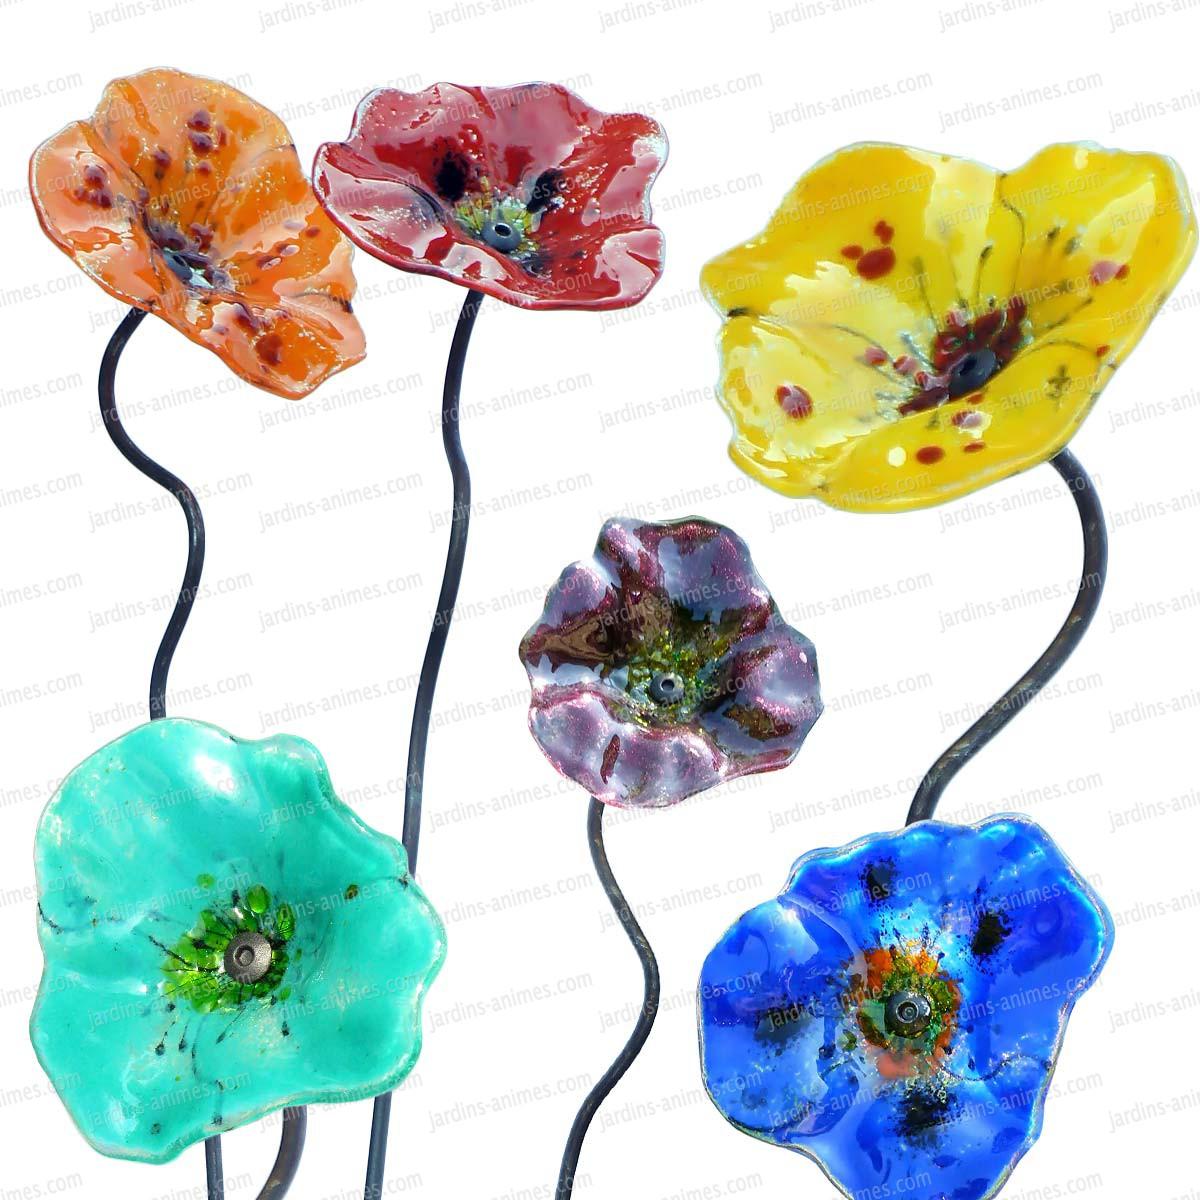 Les Fleurs De Pavot Les Fleurs de Pavot